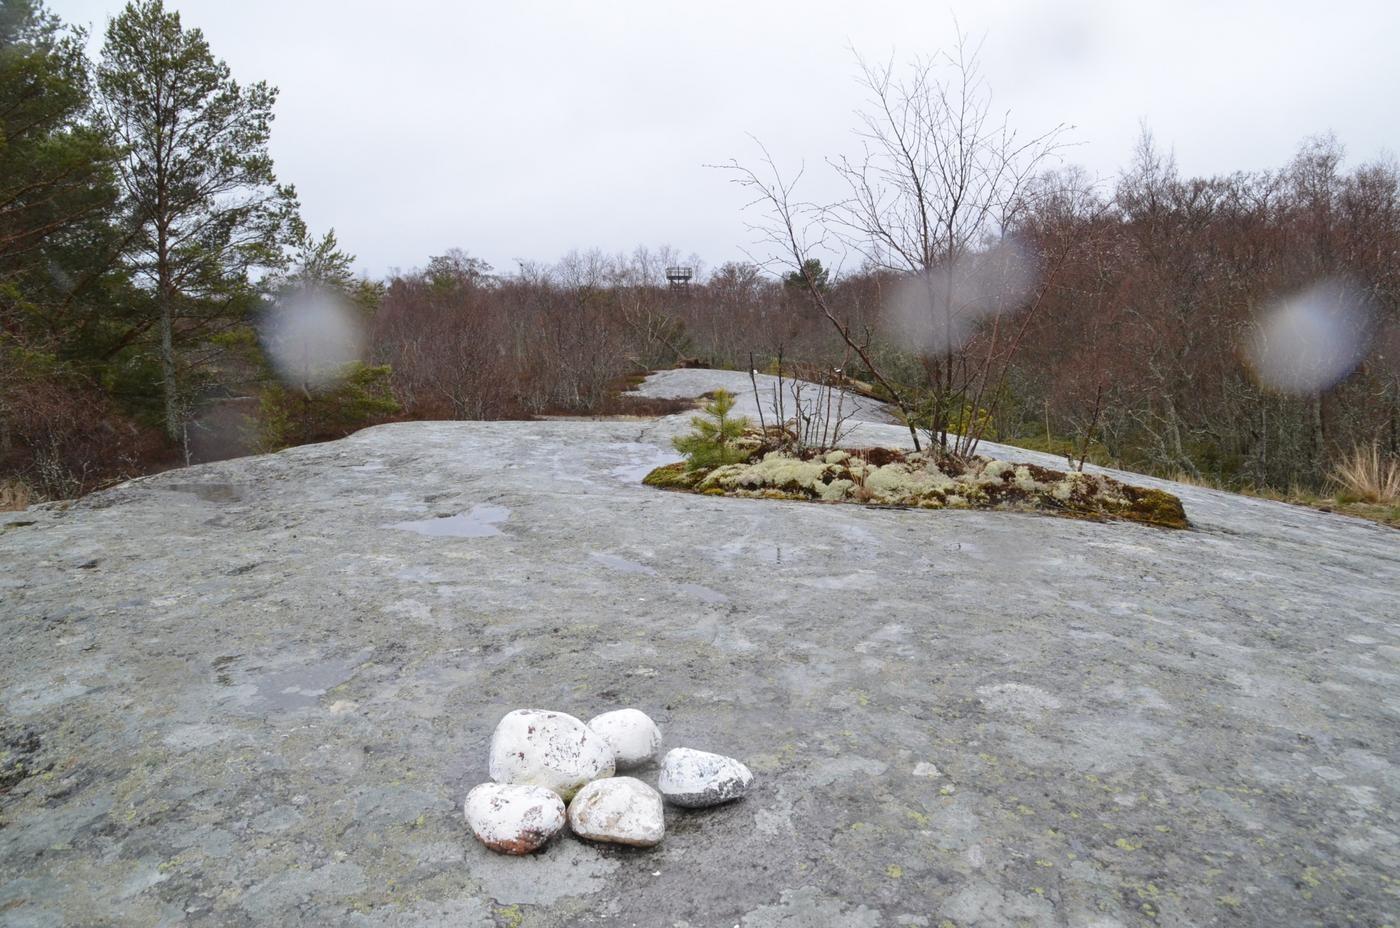 Några stenar på en klippa.